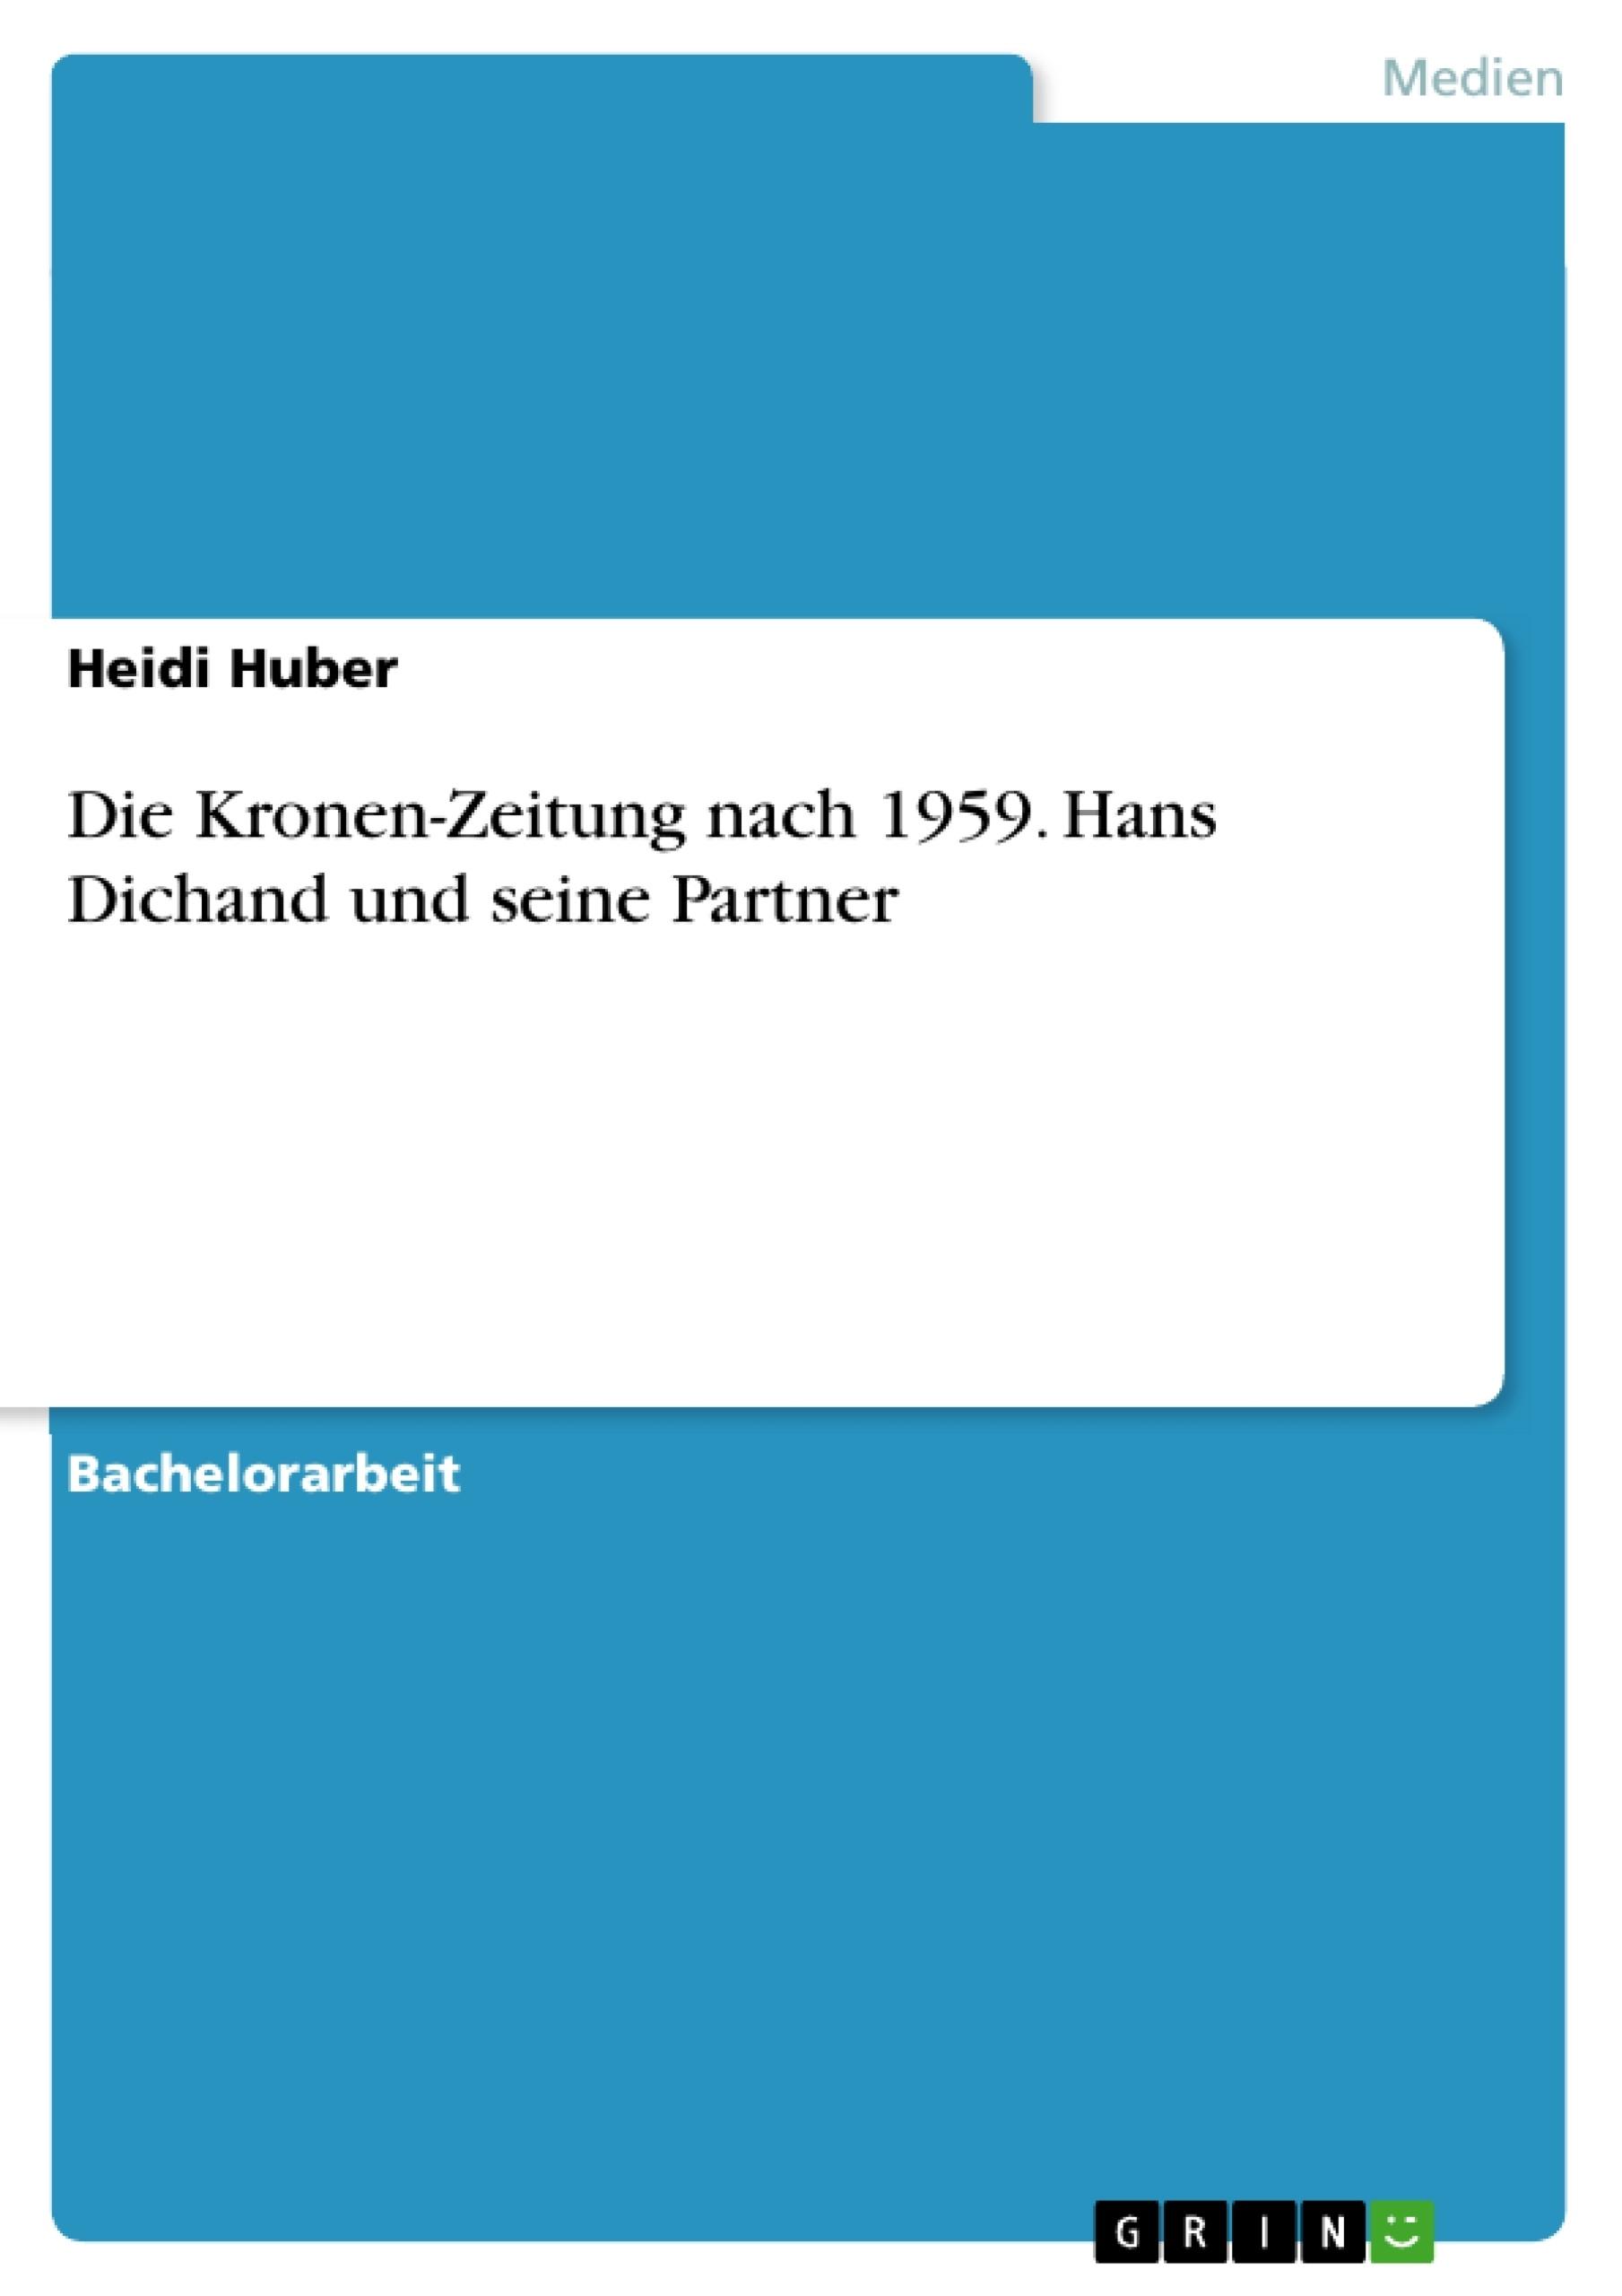 Titel: Die Kronen-Zeitung nach 1959. Hans Dichand und seine Partner